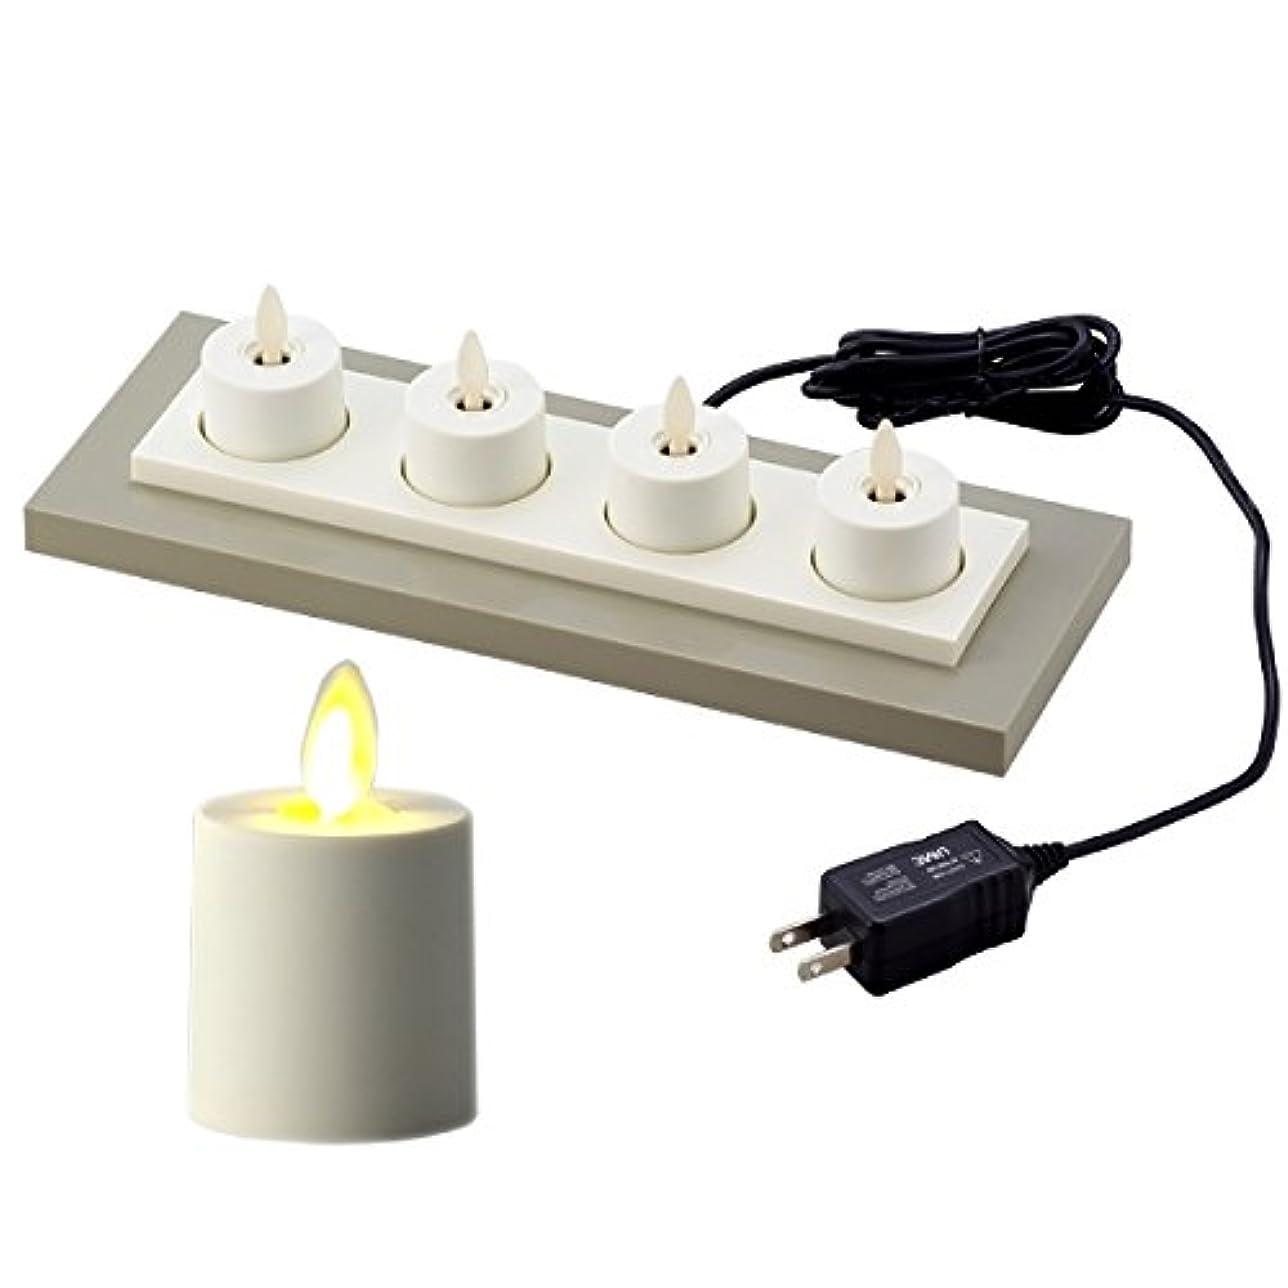 作るアーティファクトイタリアのLUMINARA ルミナラ ティーライトキャンドル 4個入 充電器付